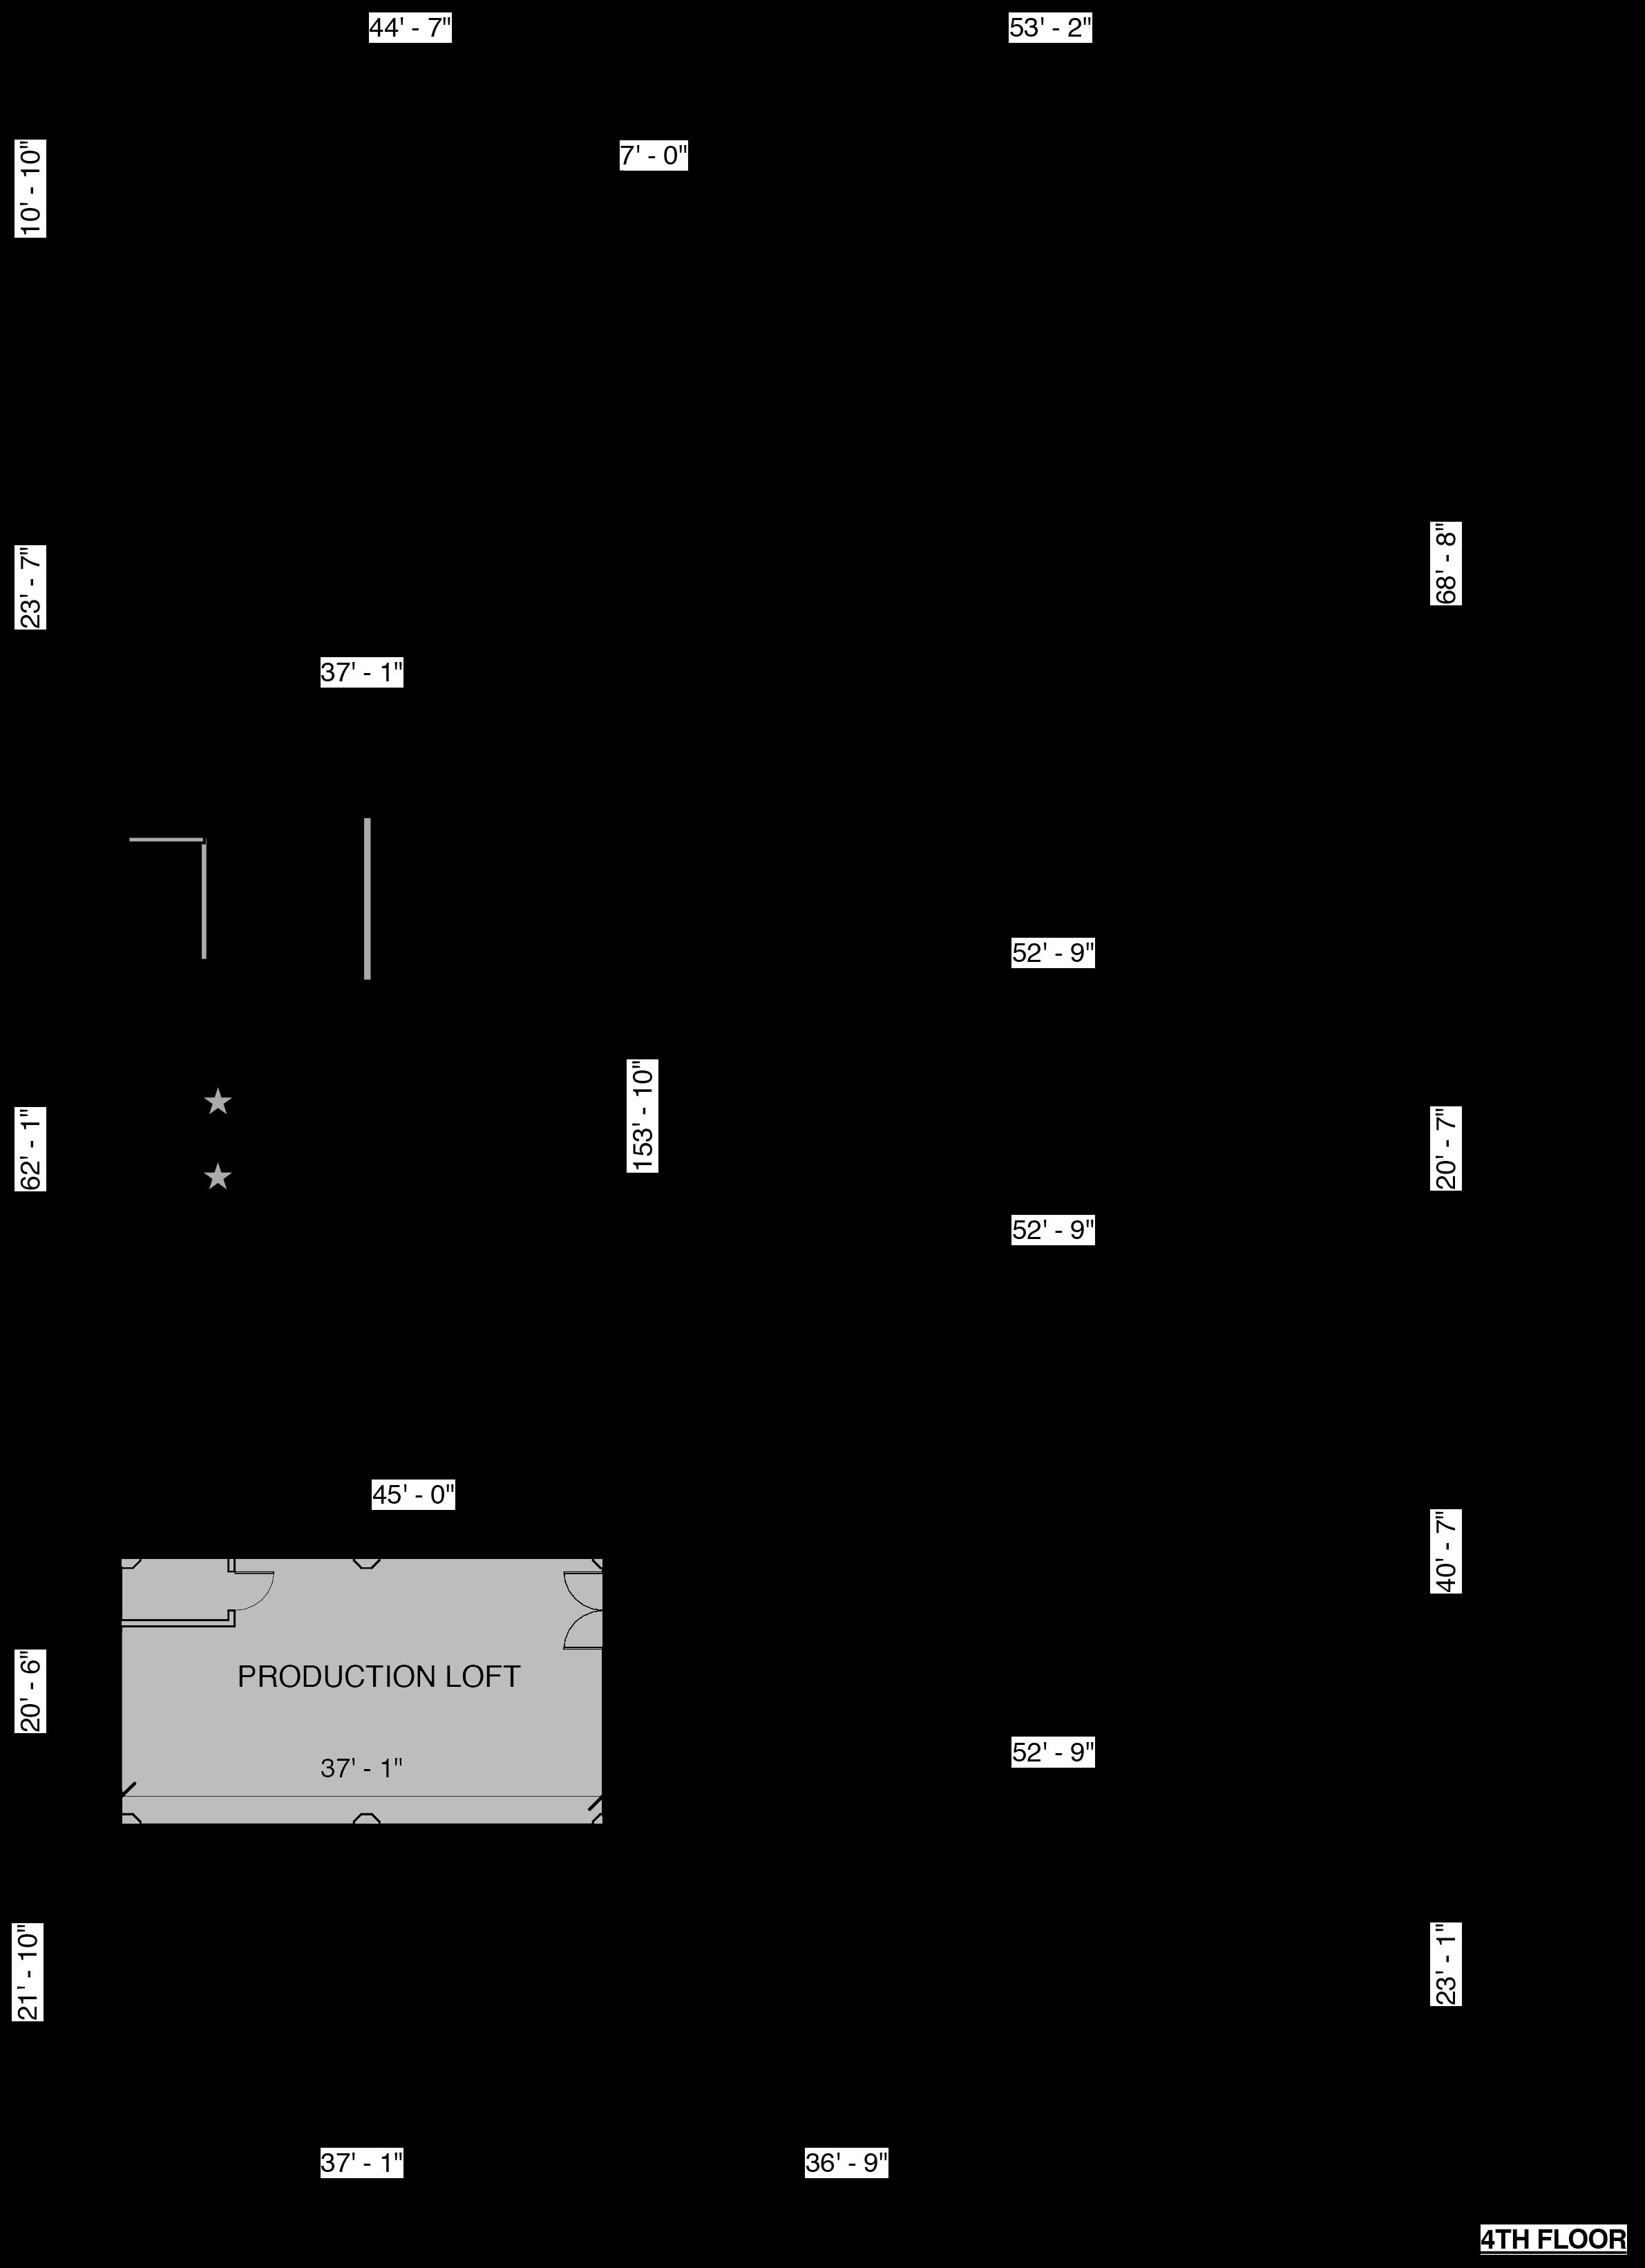 4thFloor_Schematic_HL-shelving copyPL.png